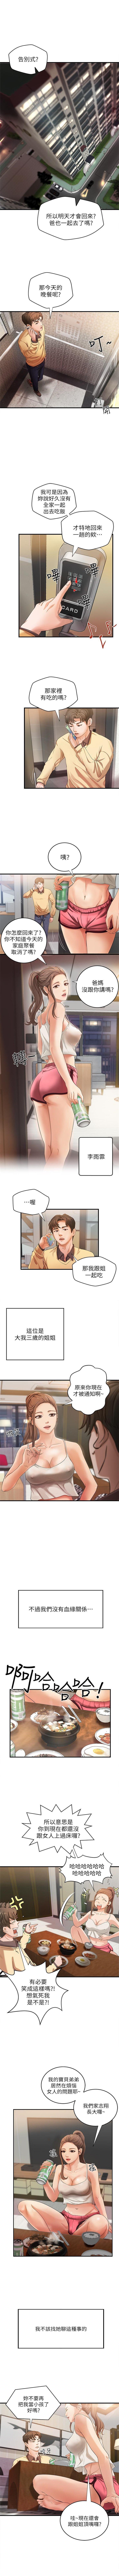 (週1)御姐的實戰教學 1-15 中文翻譯(更新中) 7